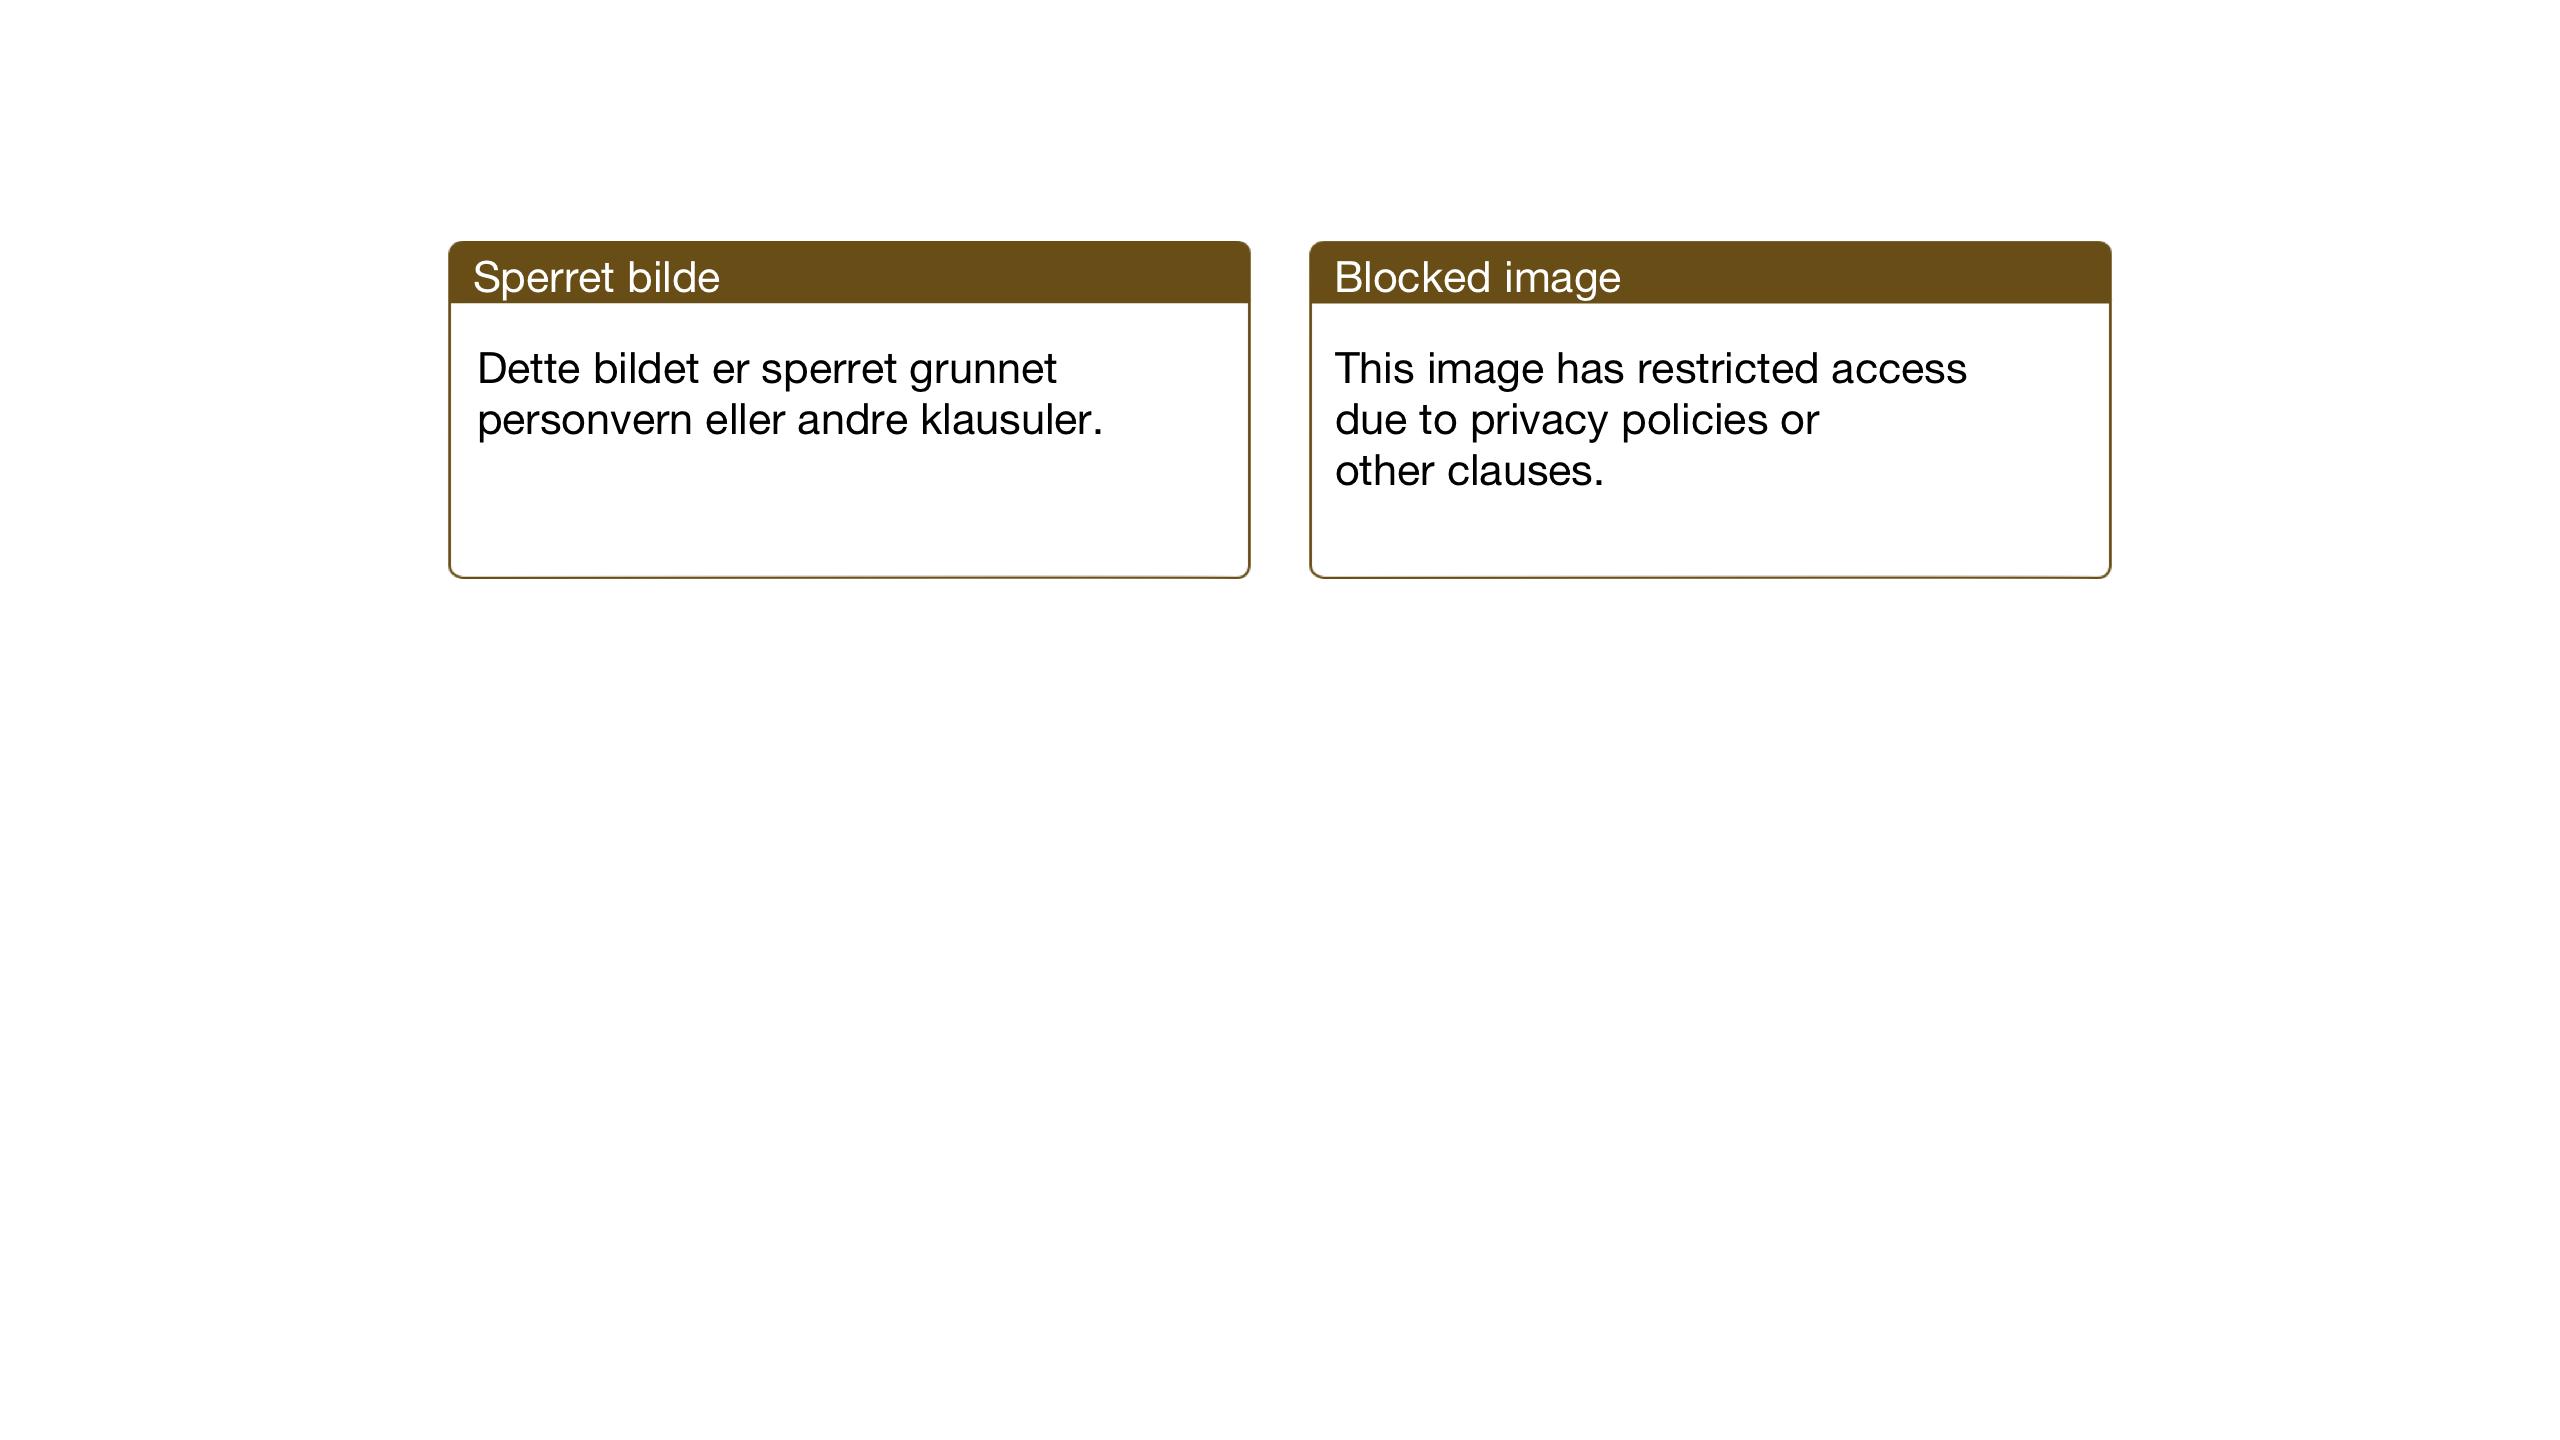 SAT, Ministerialprotokoller, klokkerbøker og fødselsregistre - Sør-Trøndelag, 630/L0508: Klokkerbok nr. 630C06, 1933-1950, s. 171